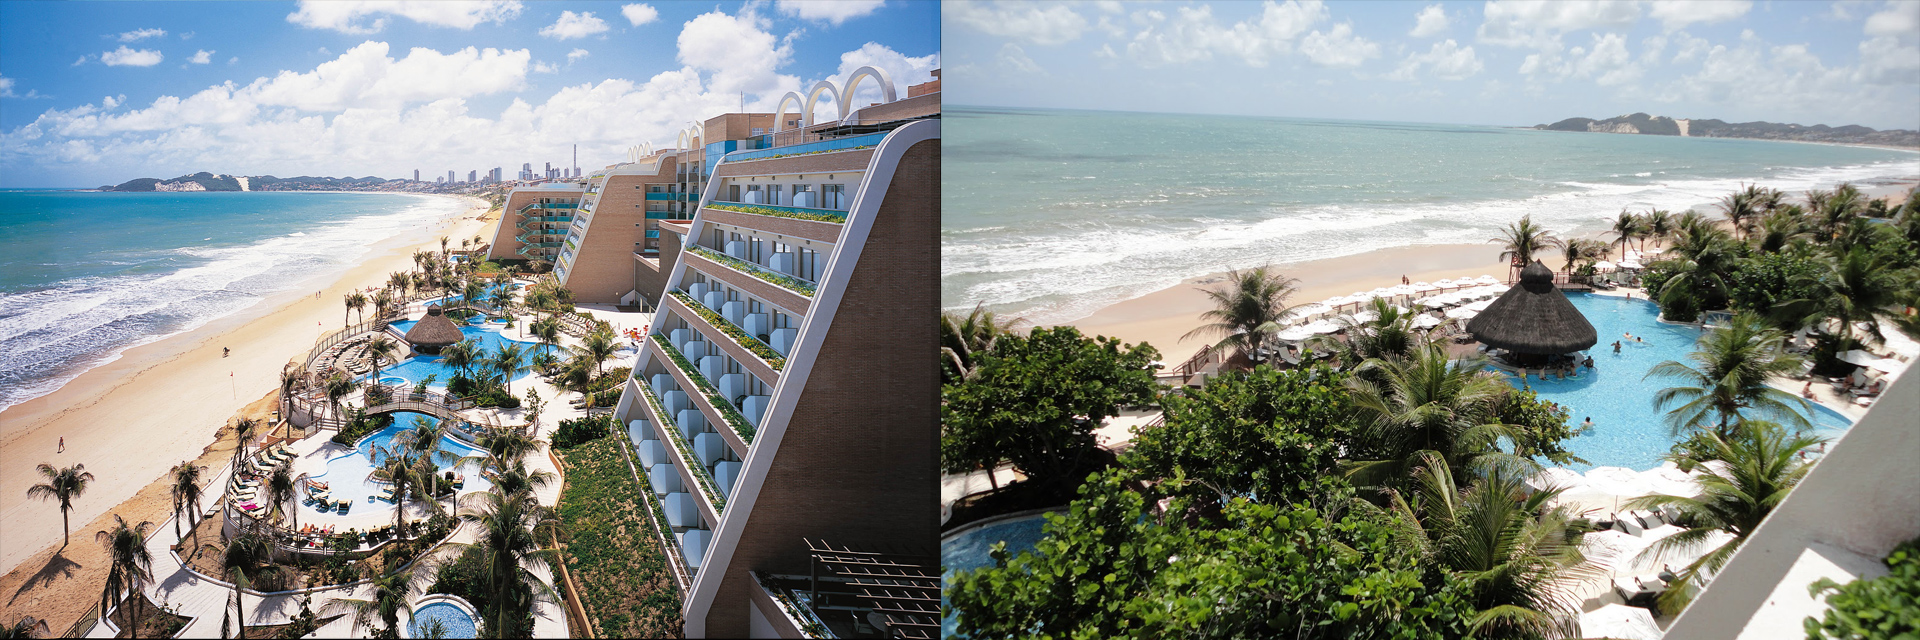 natal-hotel-serhs